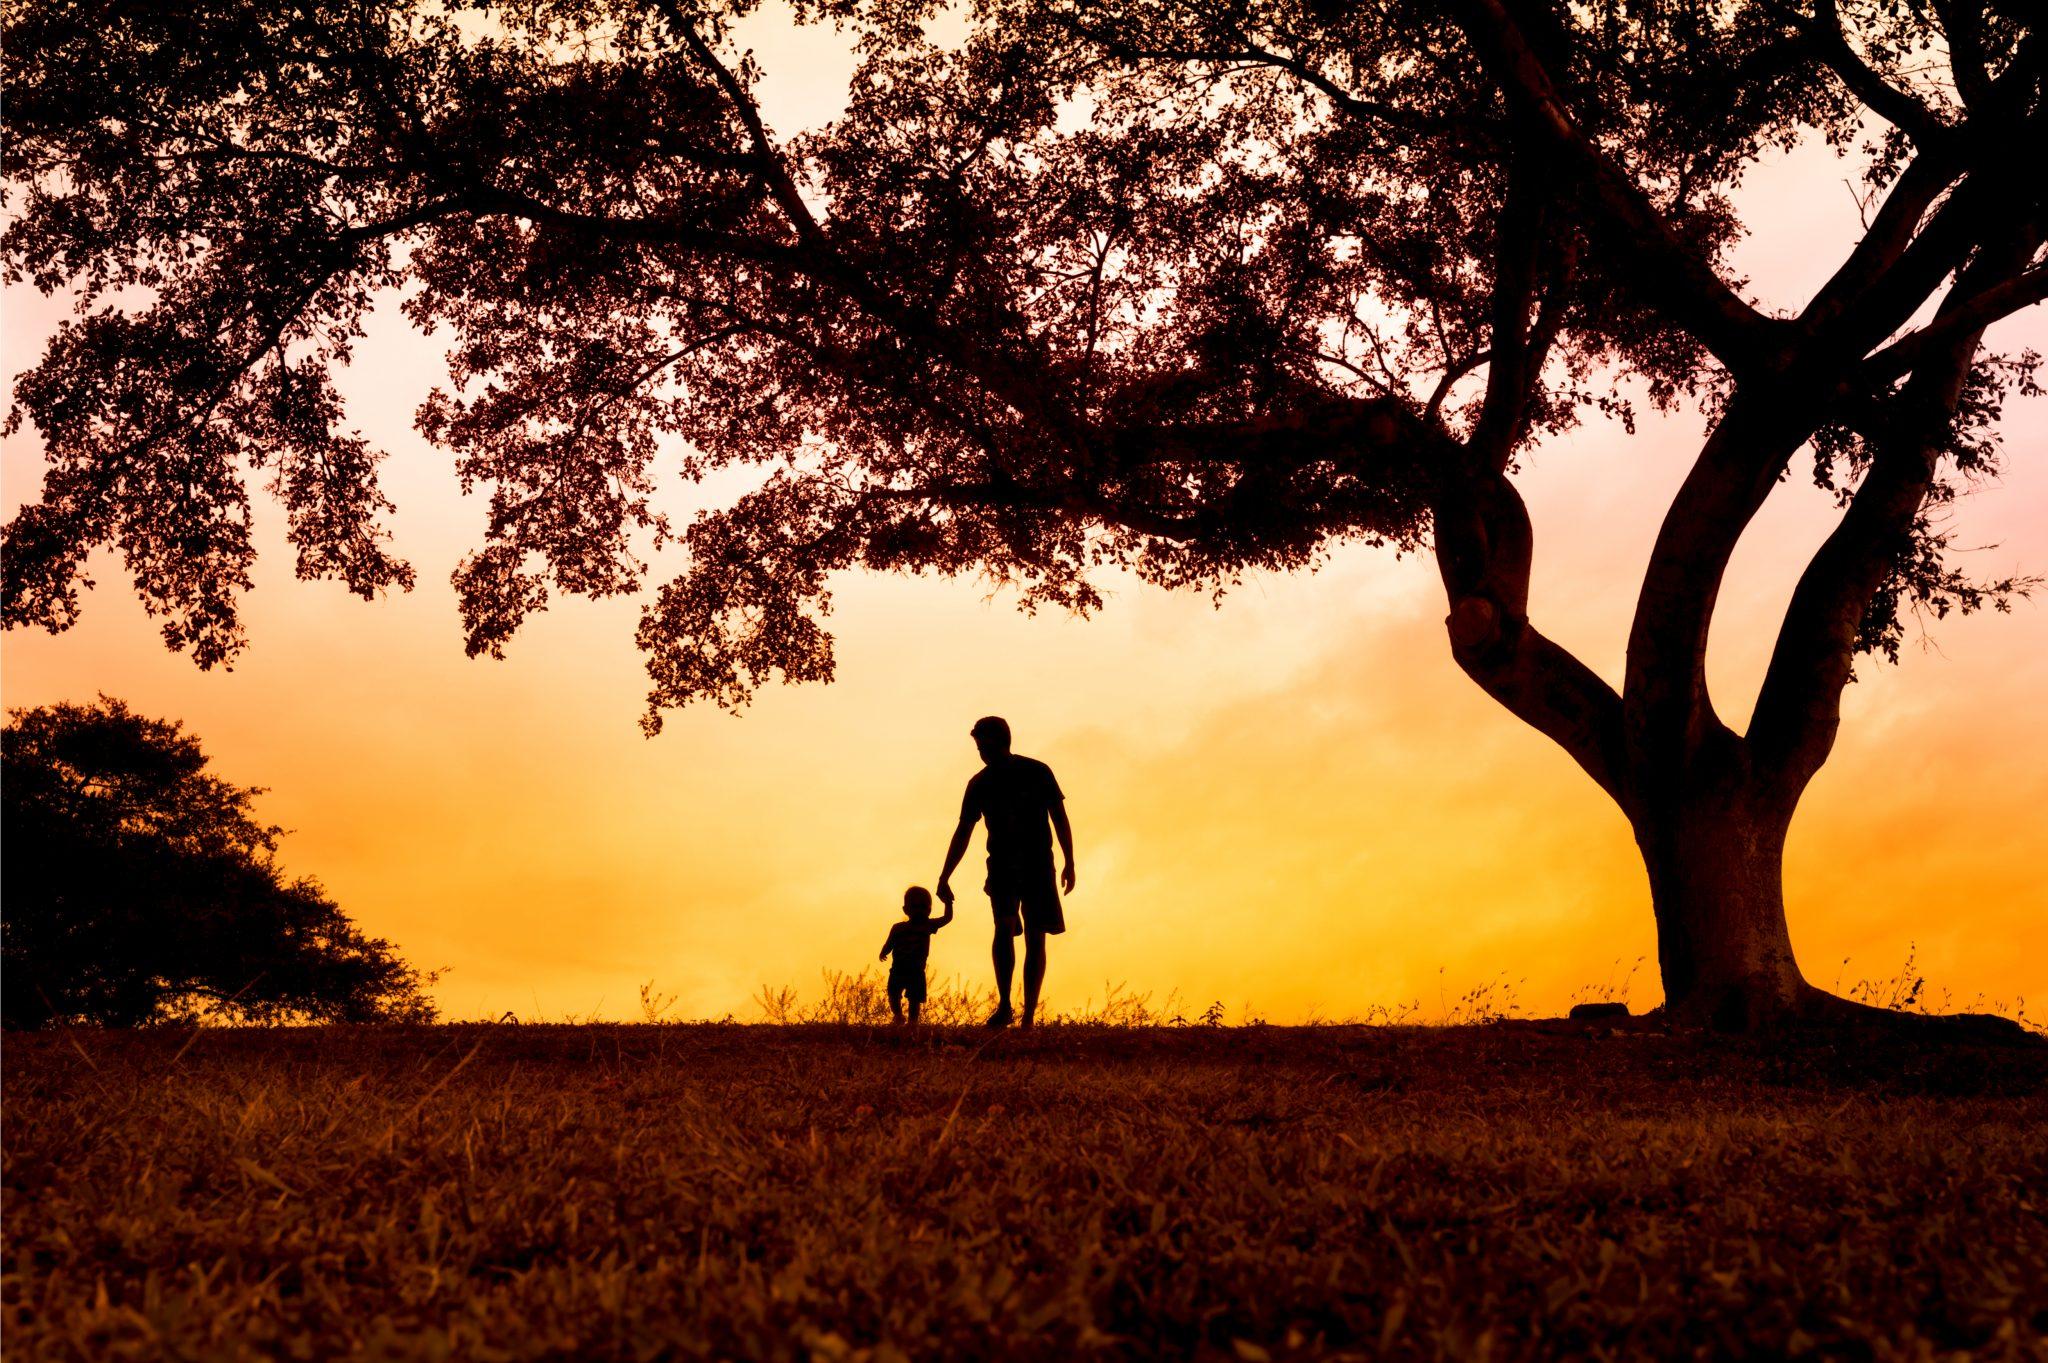 親子で夕日の中草原を歩いている